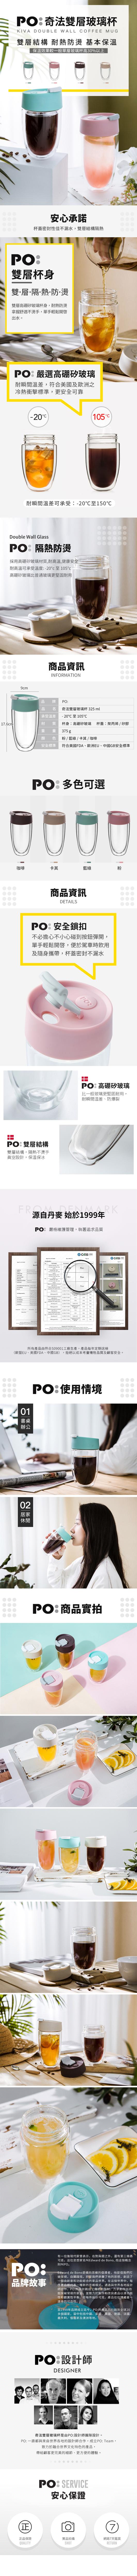 (複製)PO:Selected|丹麥攜帶式雙層玻璃泡茶杯200ml (Crystal)